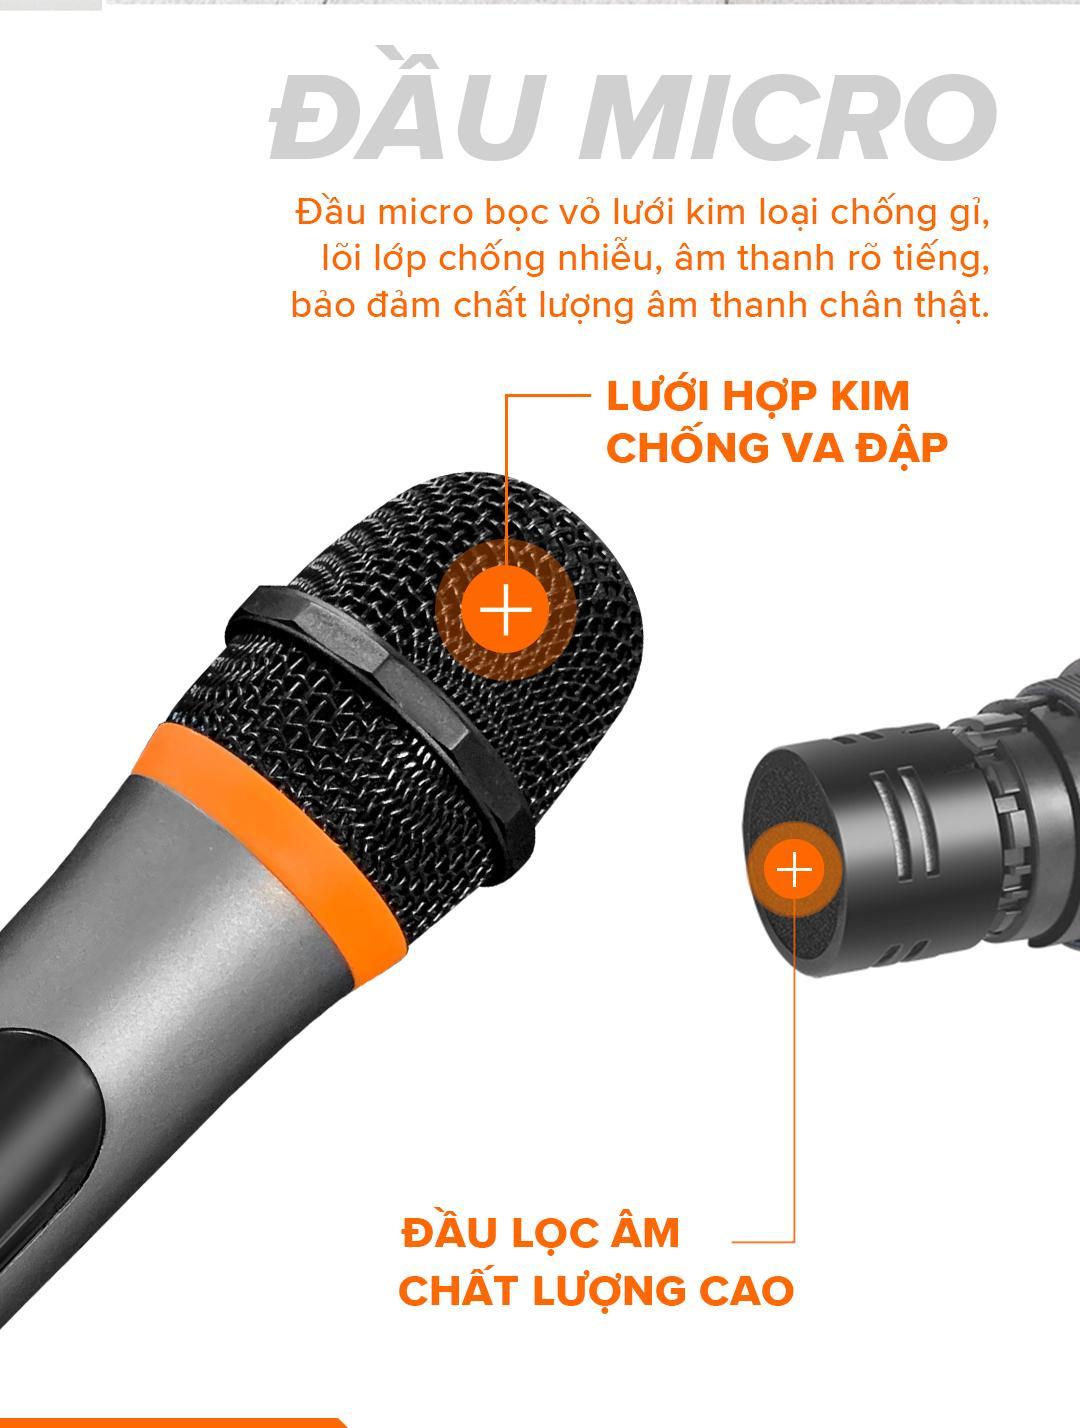 Micro Không Dây Cao Cấp C.O.K ST-304 Dành Cho Loa Kéo, Dàn âm Ly Jack 6.5 Hàng chính hãng 100%